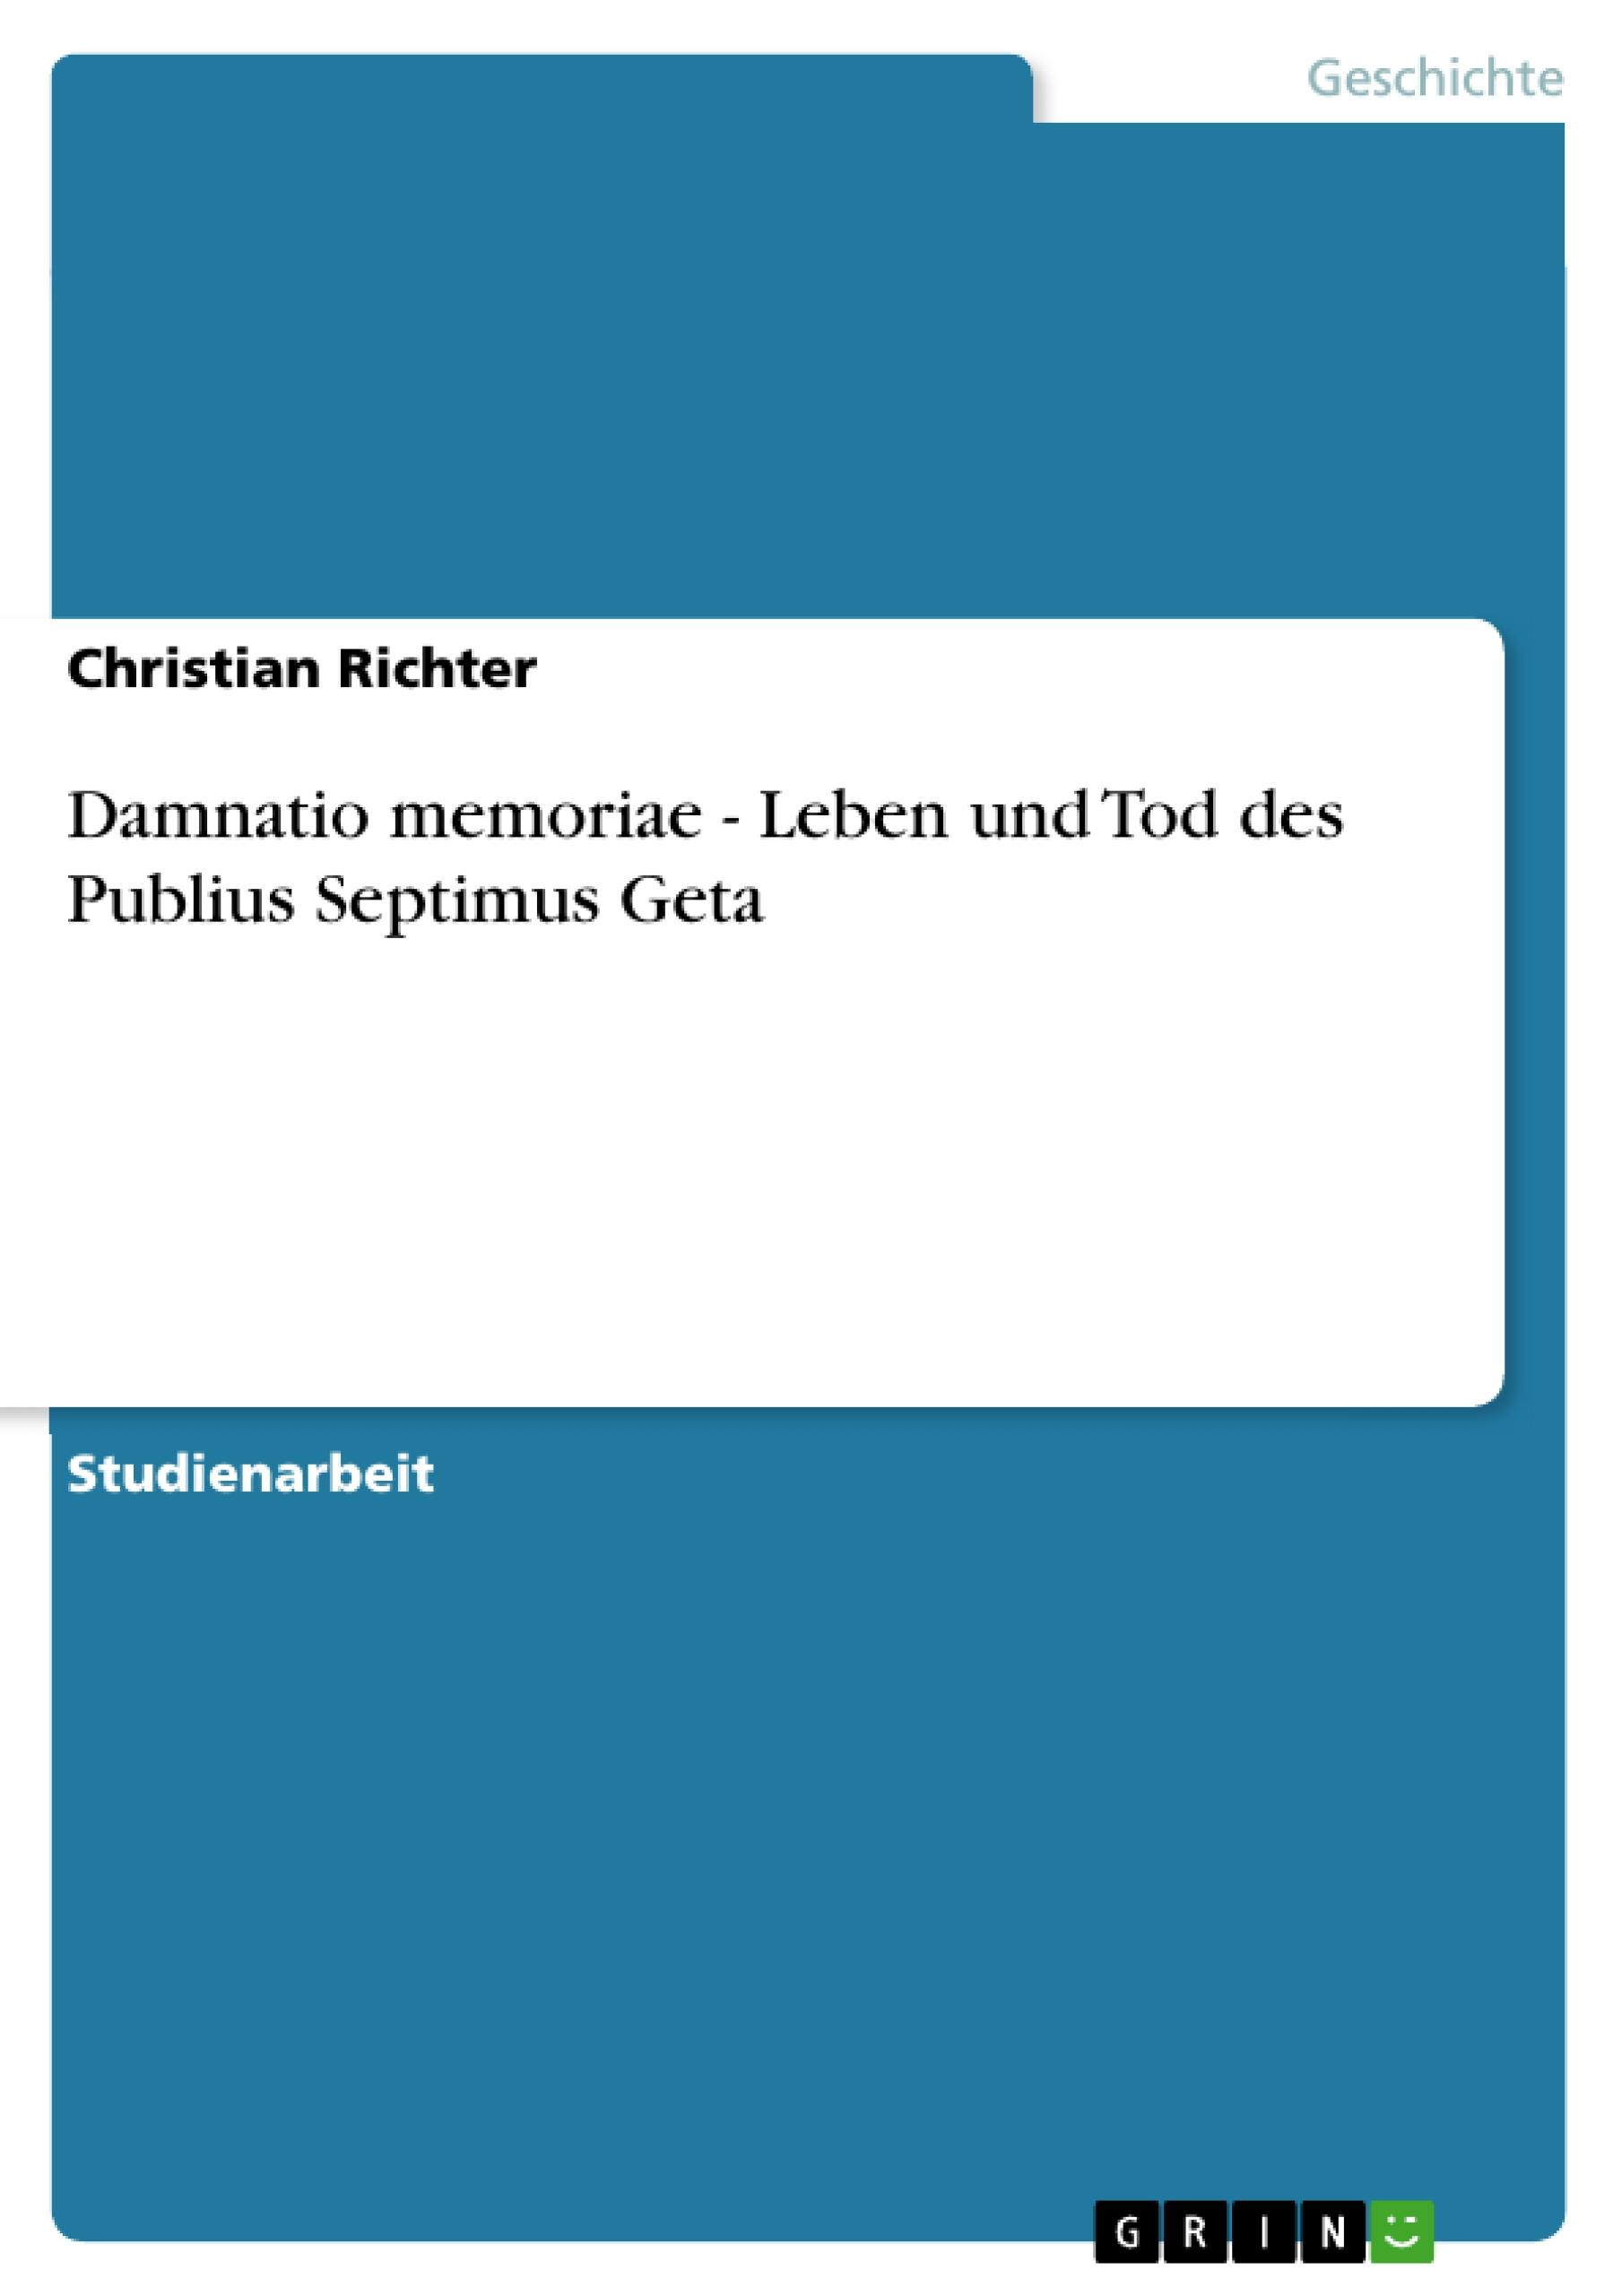 Damnatio memoriae - Leben und Tod des Publius Septimus Geta  Christian Richter  Taschenbuch  Deutsch  2010 - Richter, Christian